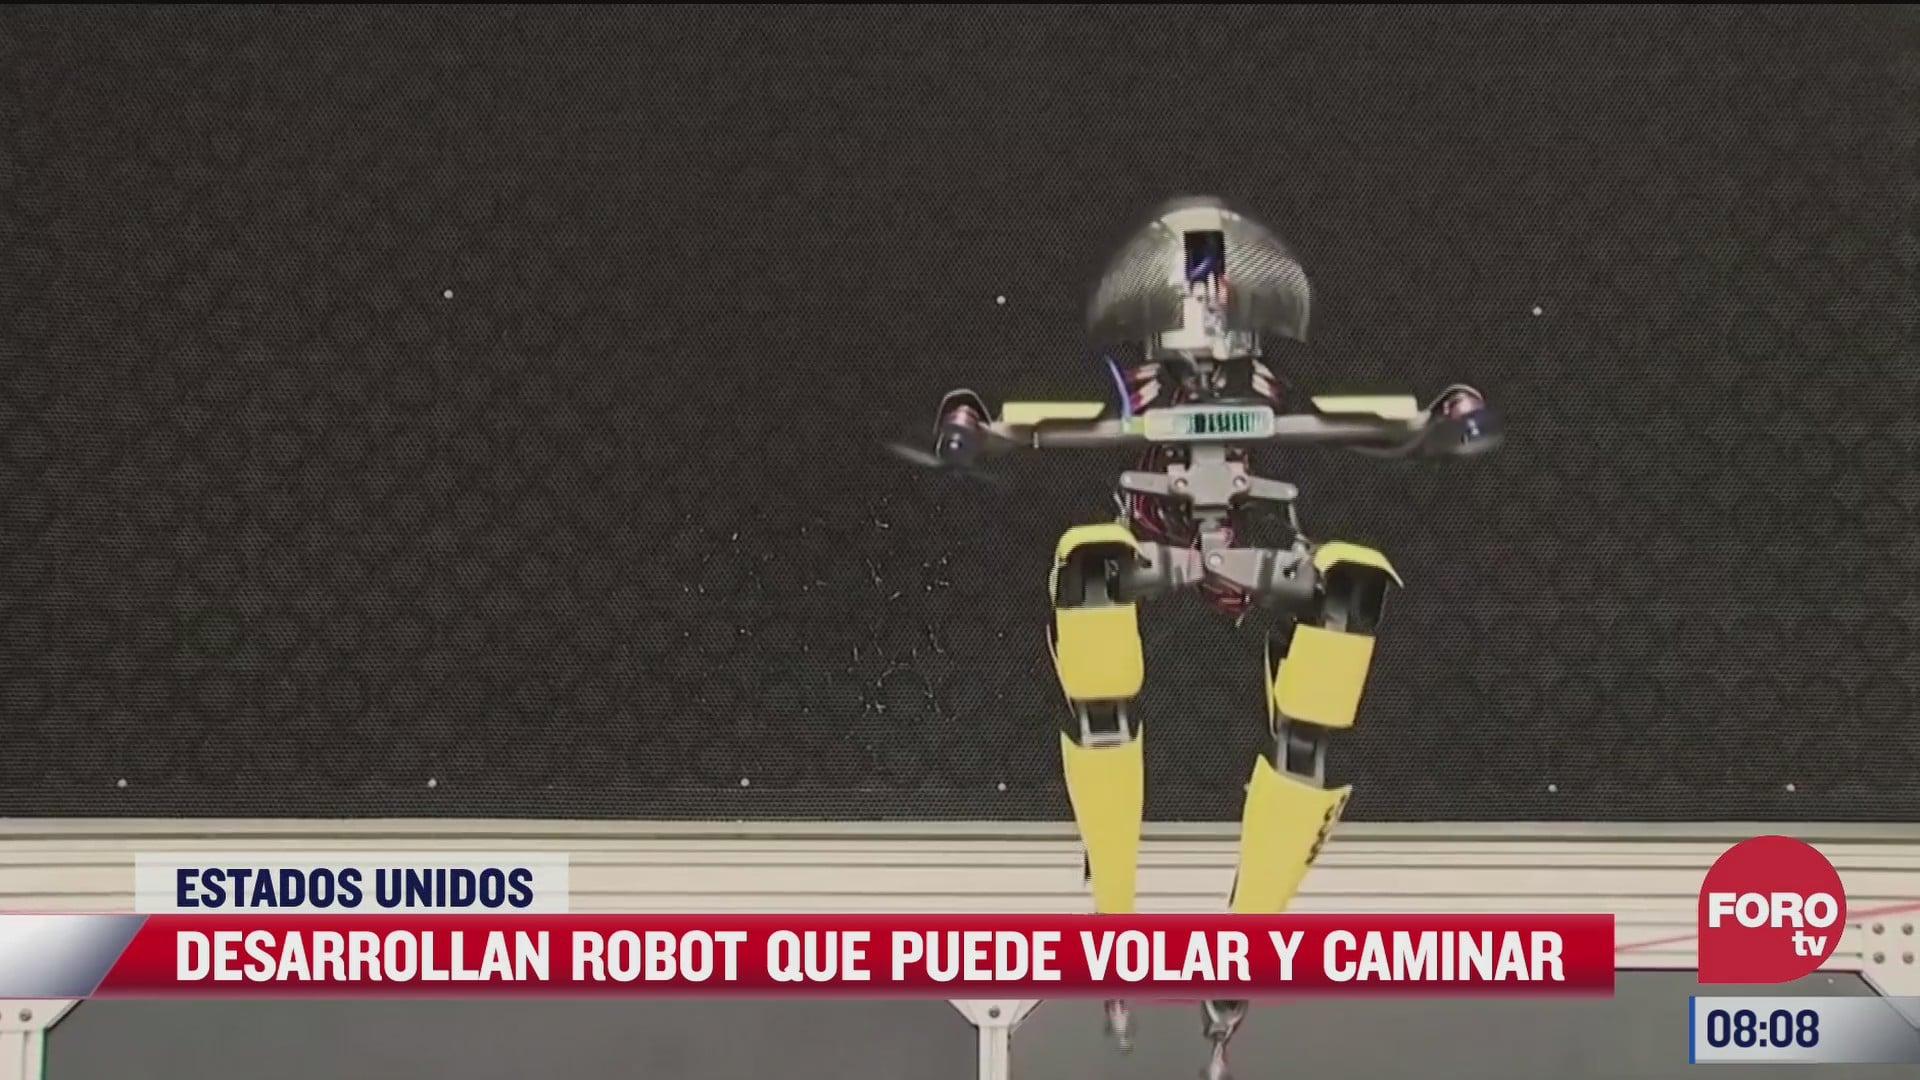 desarrollan en estados unidos robot que puede volar y caminar